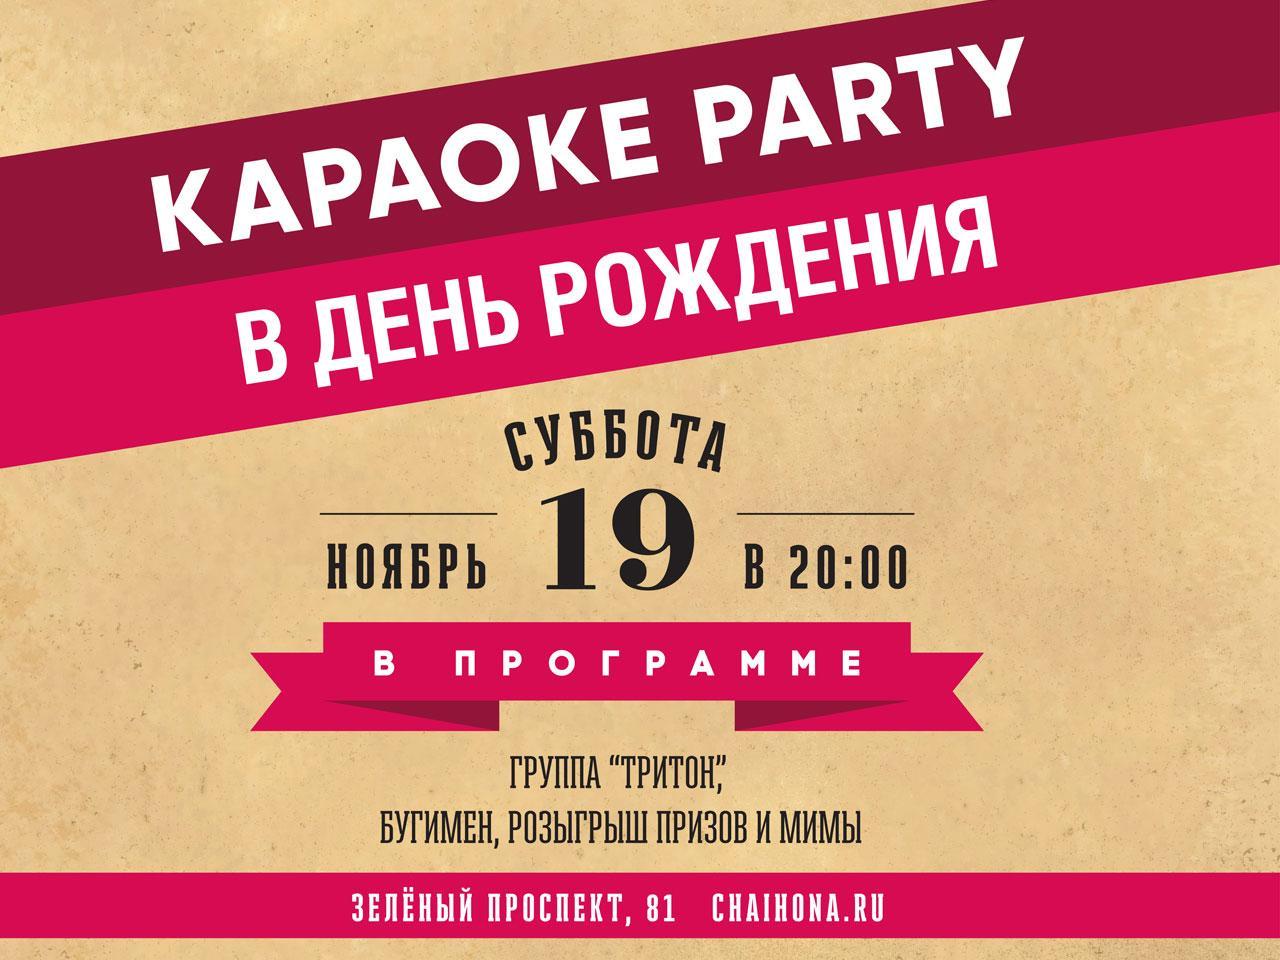 Караоке-party в день рождения!